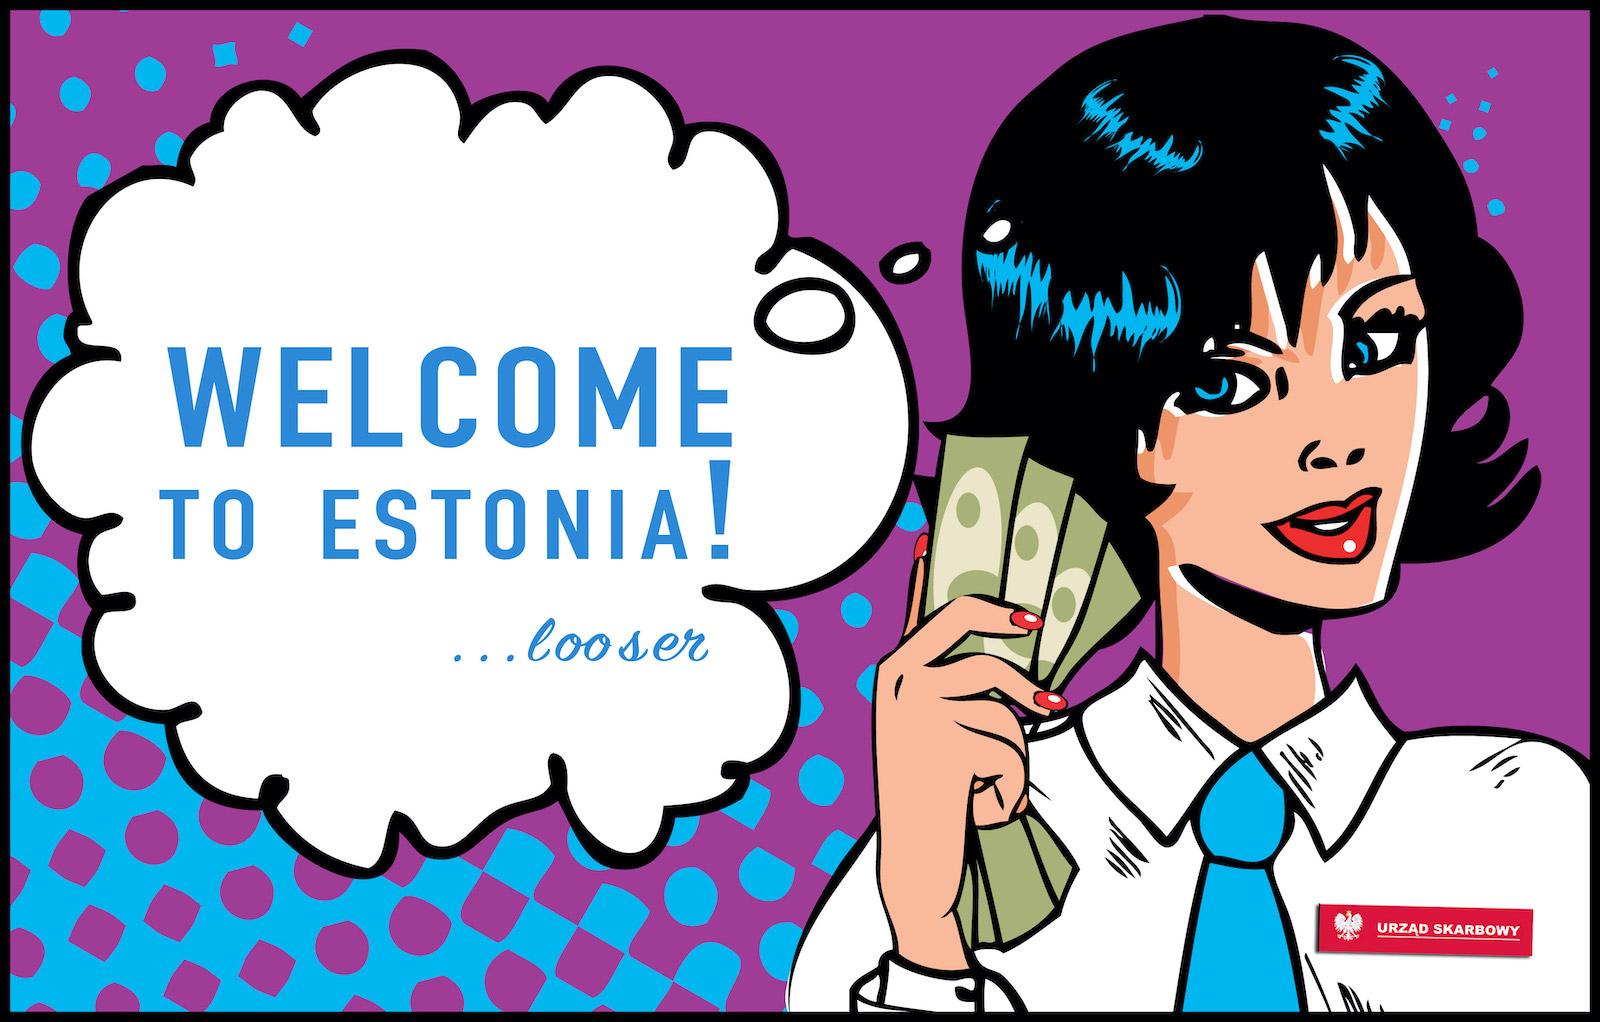 Spółka wEstonii - koszty ikorzyści